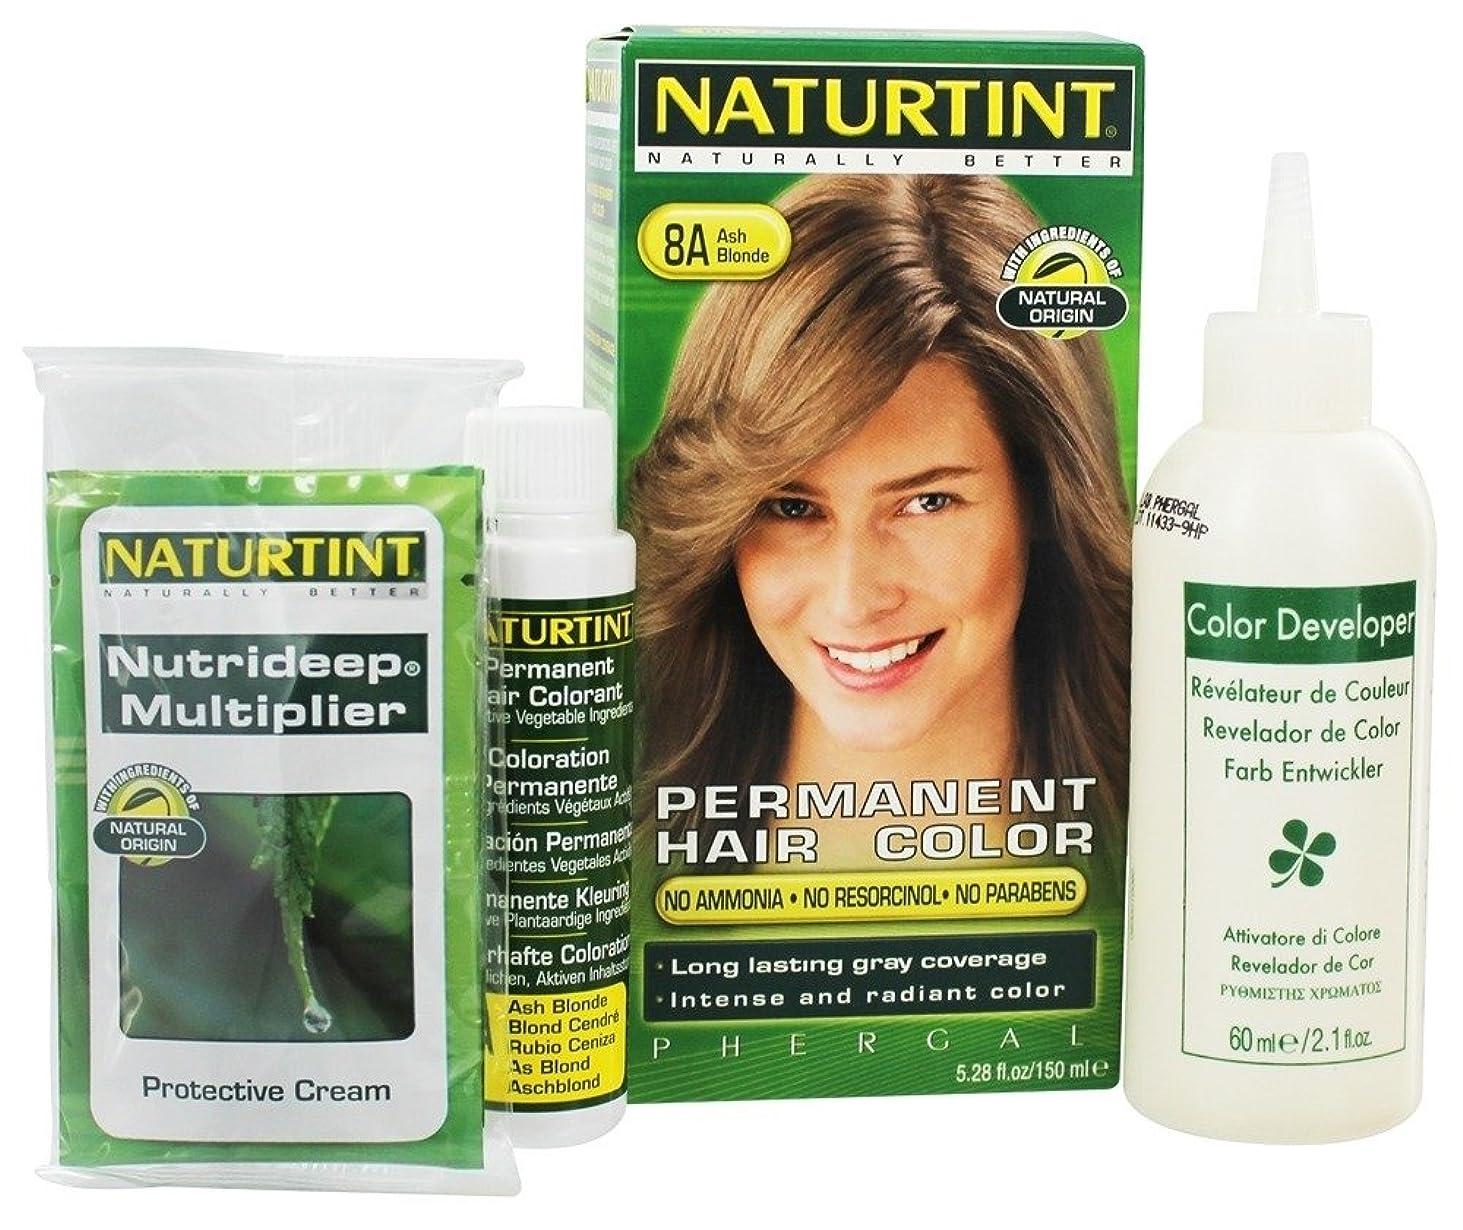 構造的乱れ優先権Naturtint - 永久的な毛の着色剤8Aの灰のBlonde - 4.5ポンド [並行輸入品]